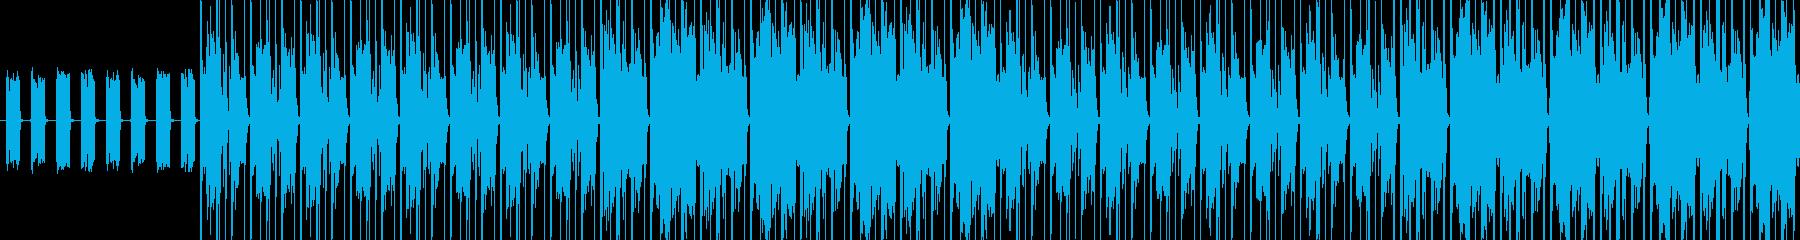 【軽快なアフロビートJAZZ】の再生済みの波形